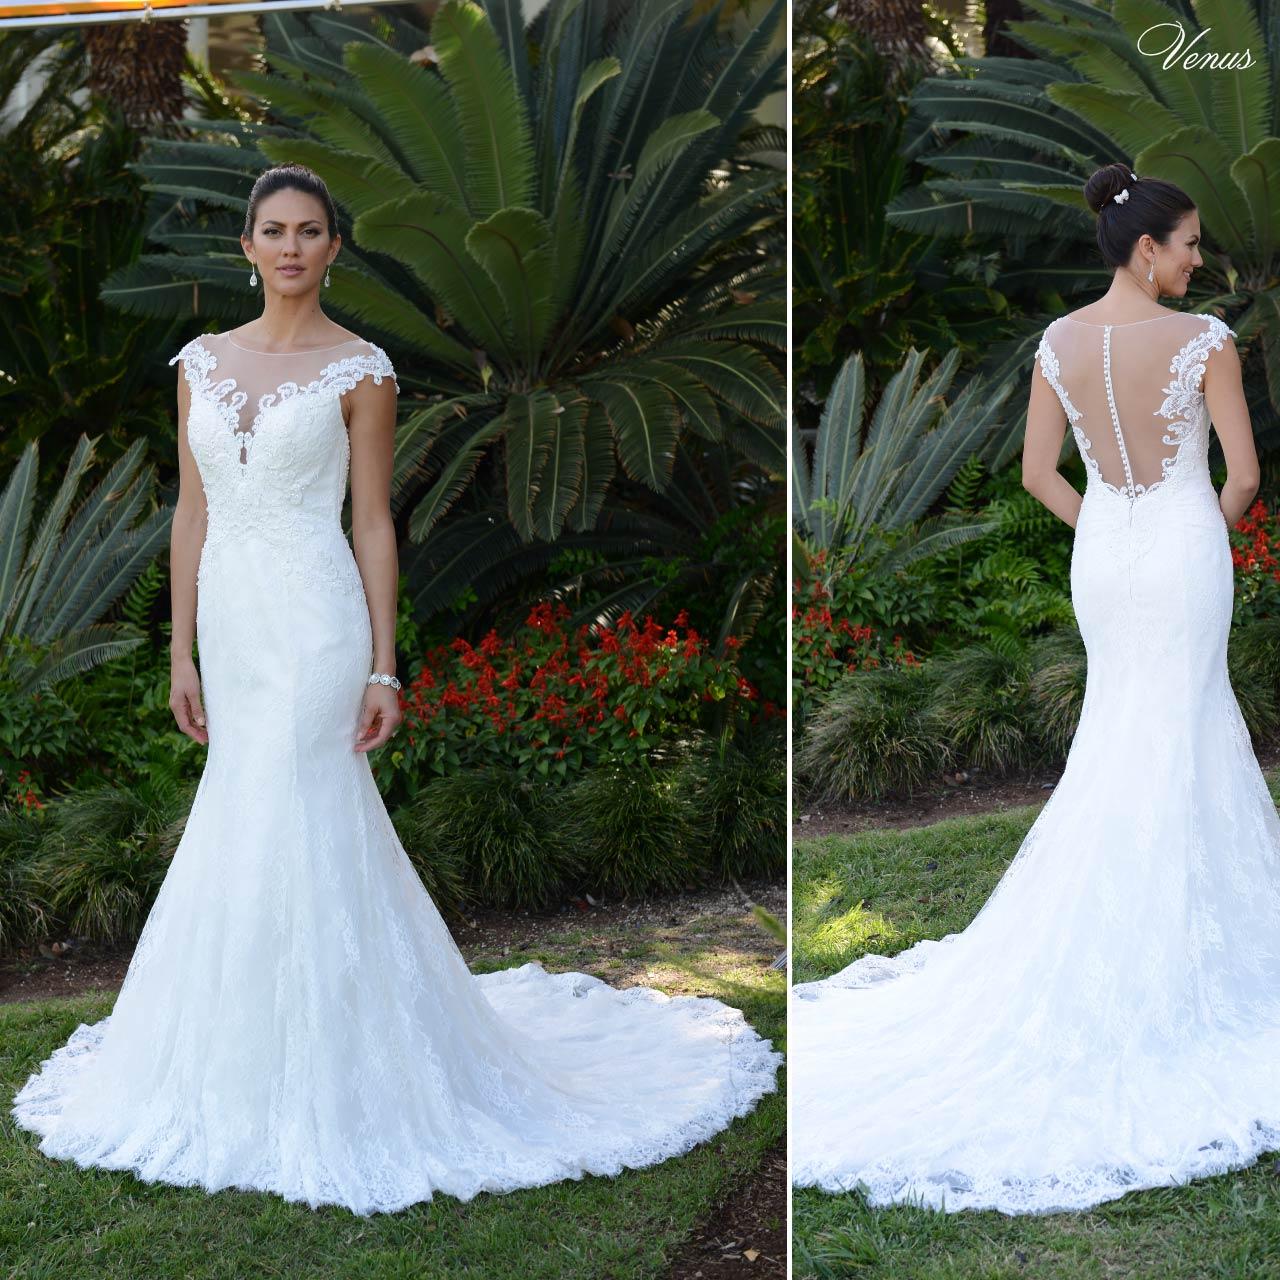 ... Abito sposa sirena articolo VE8353N Venus Bridal Italia ... 9056167f0e6